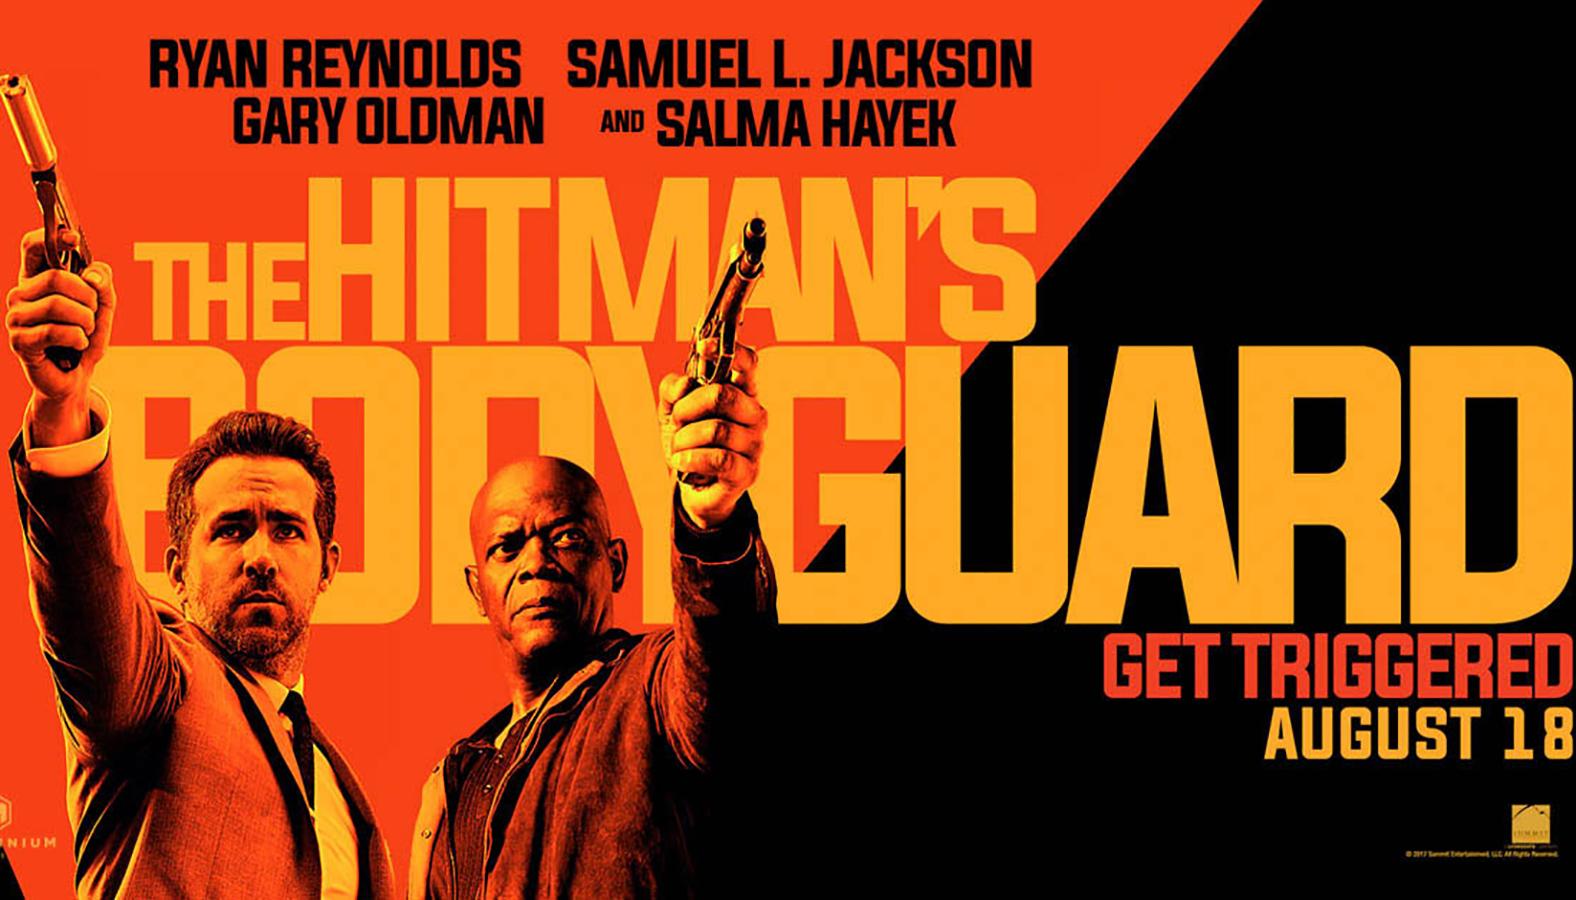 نقد و بررسی فیلم Hitman's Bodyguard فیلم جذابی برای دیدن جکسون و رینولدز در تکاپو